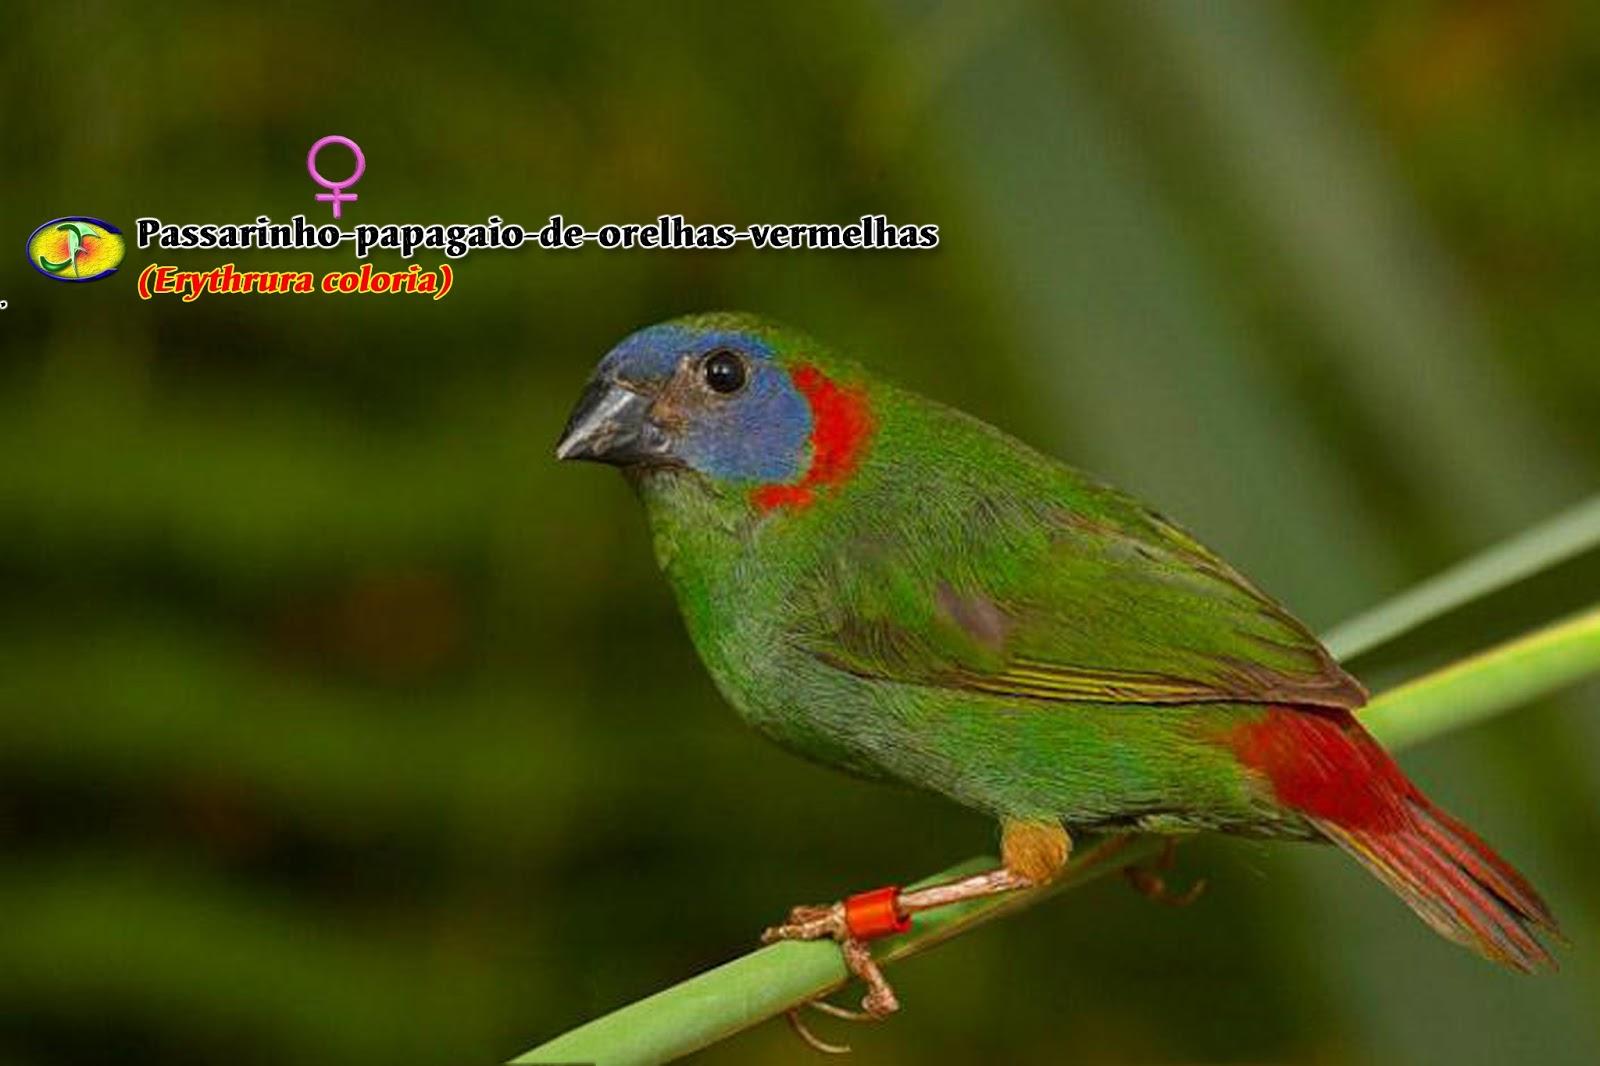 ornitologia pássaro papagaio de orelhas vermelhas erythrura coloria